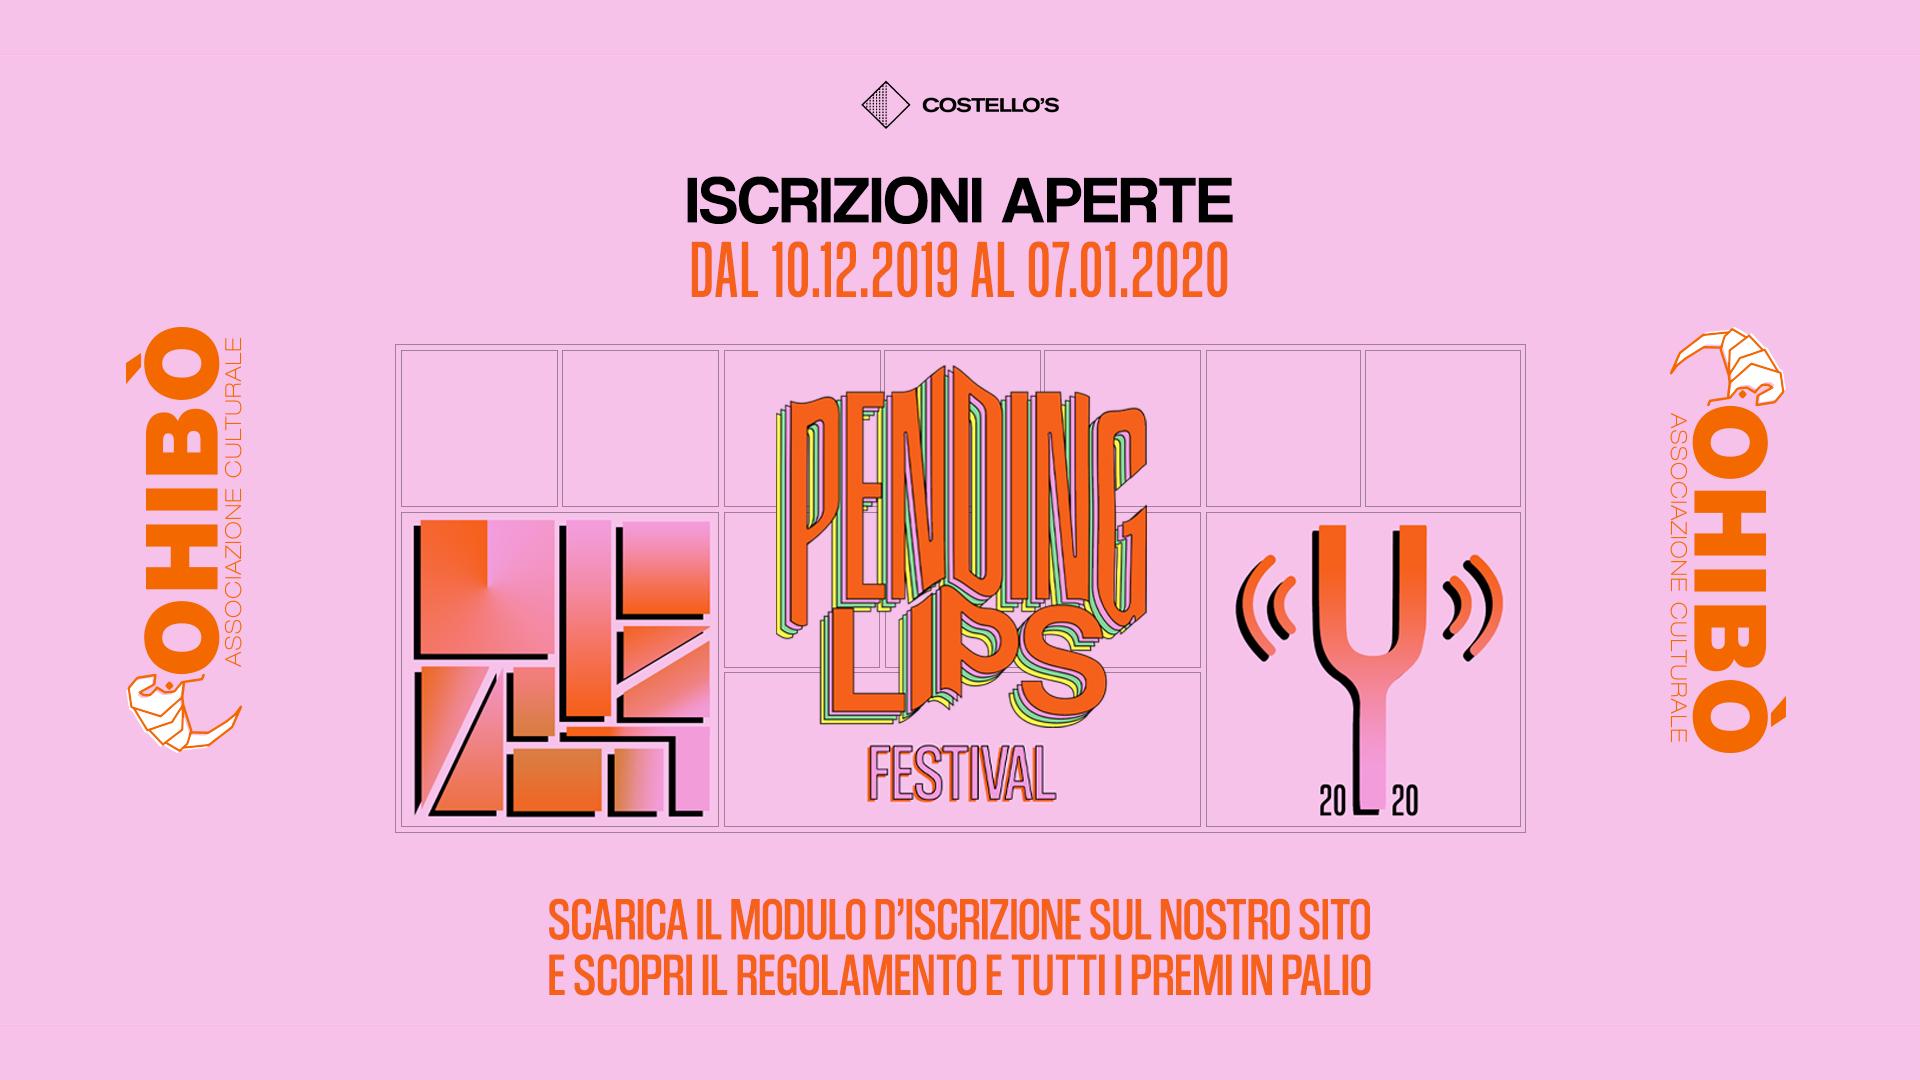 Pending Lips Festival 2020, iscrizioni aperte